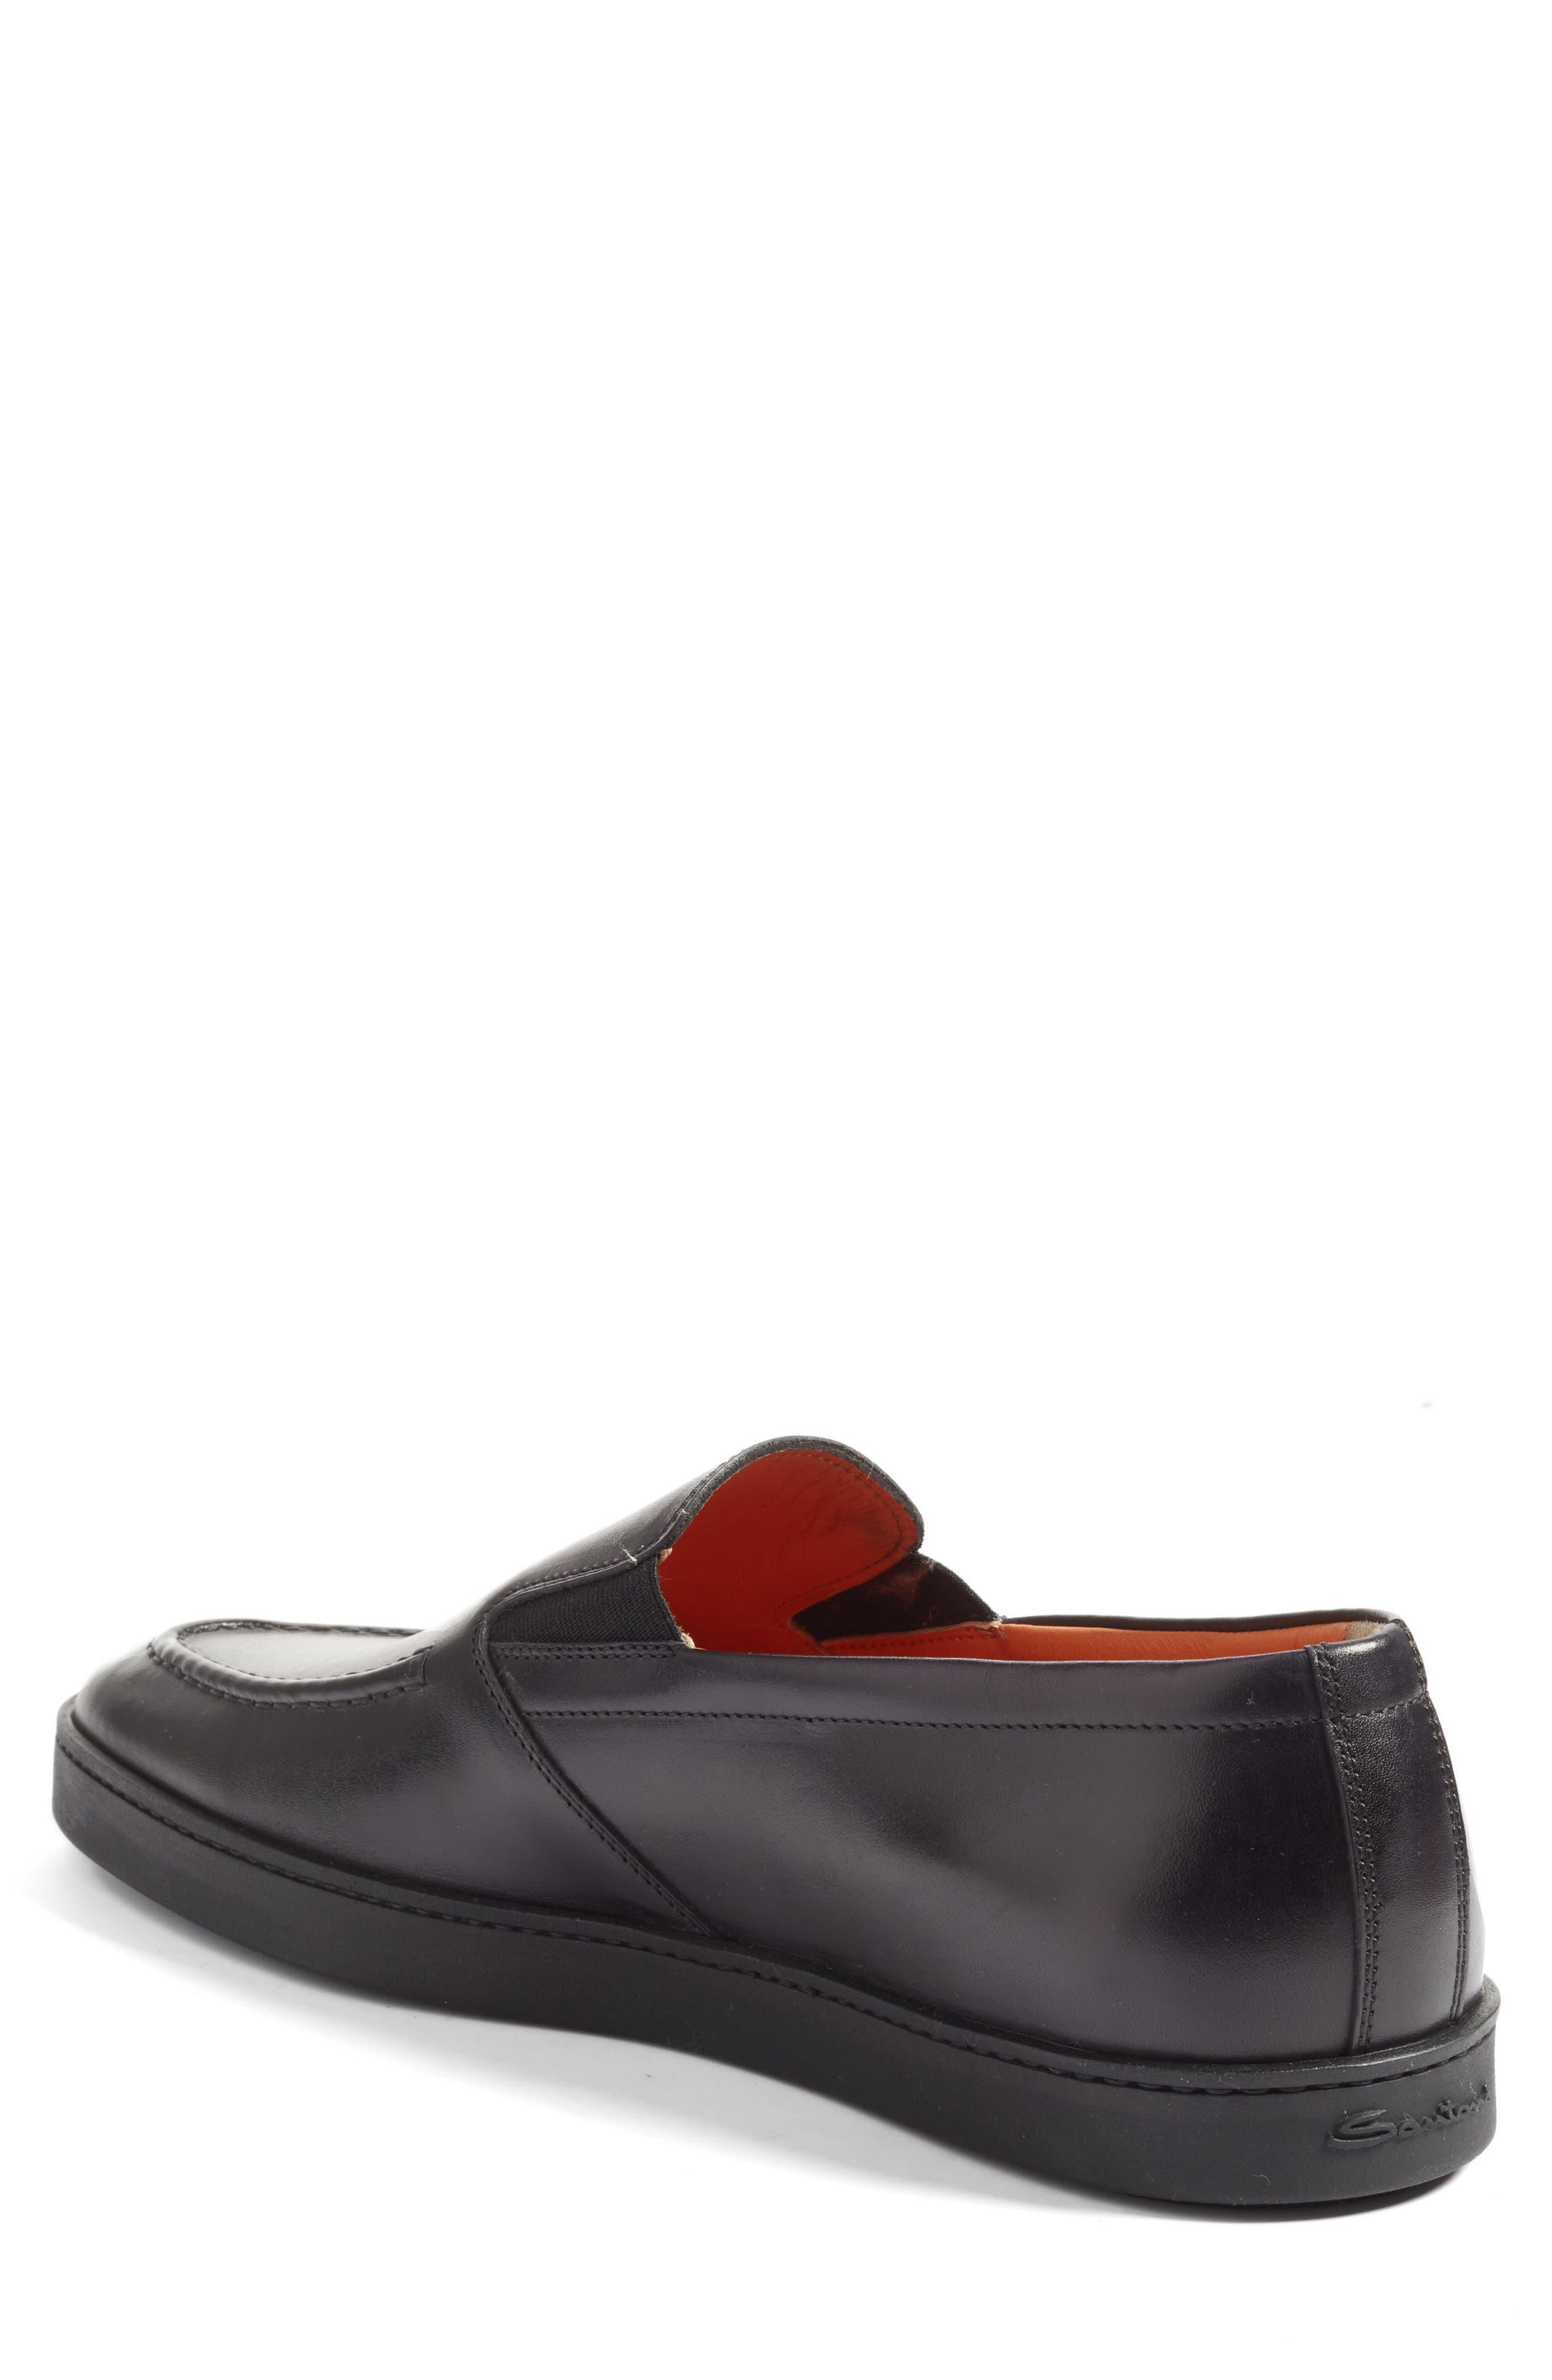 Farley Slip-On Sneaker,                             Alternate thumbnail 2, color,                             001